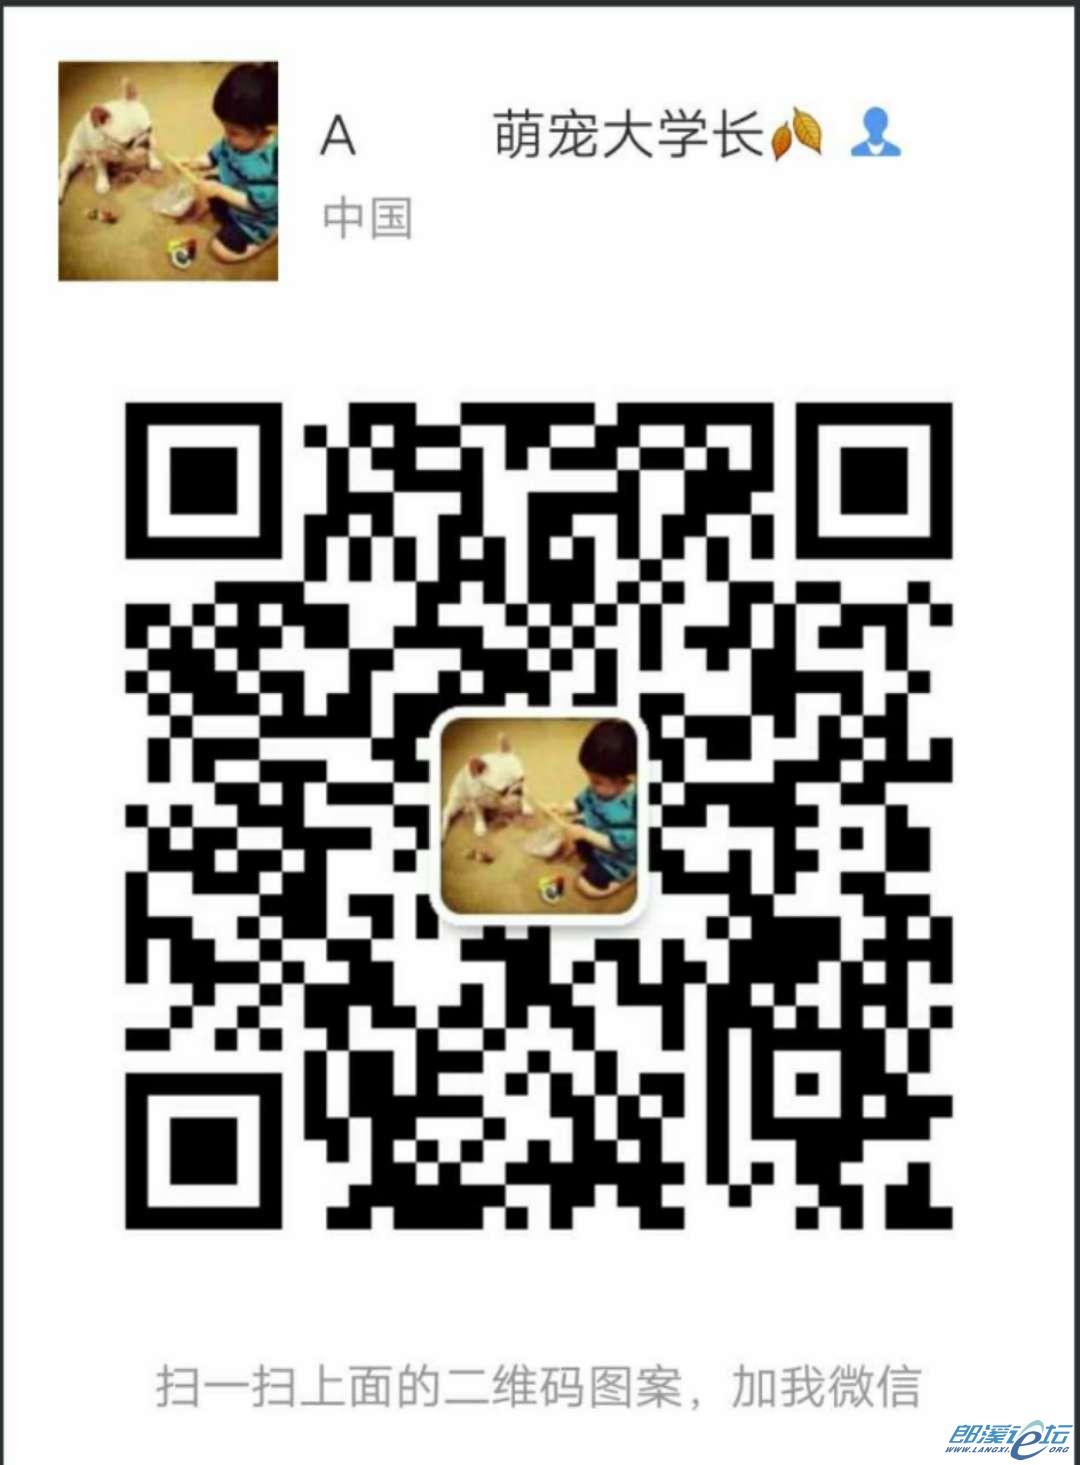 微信图片_20171028101746.jpg